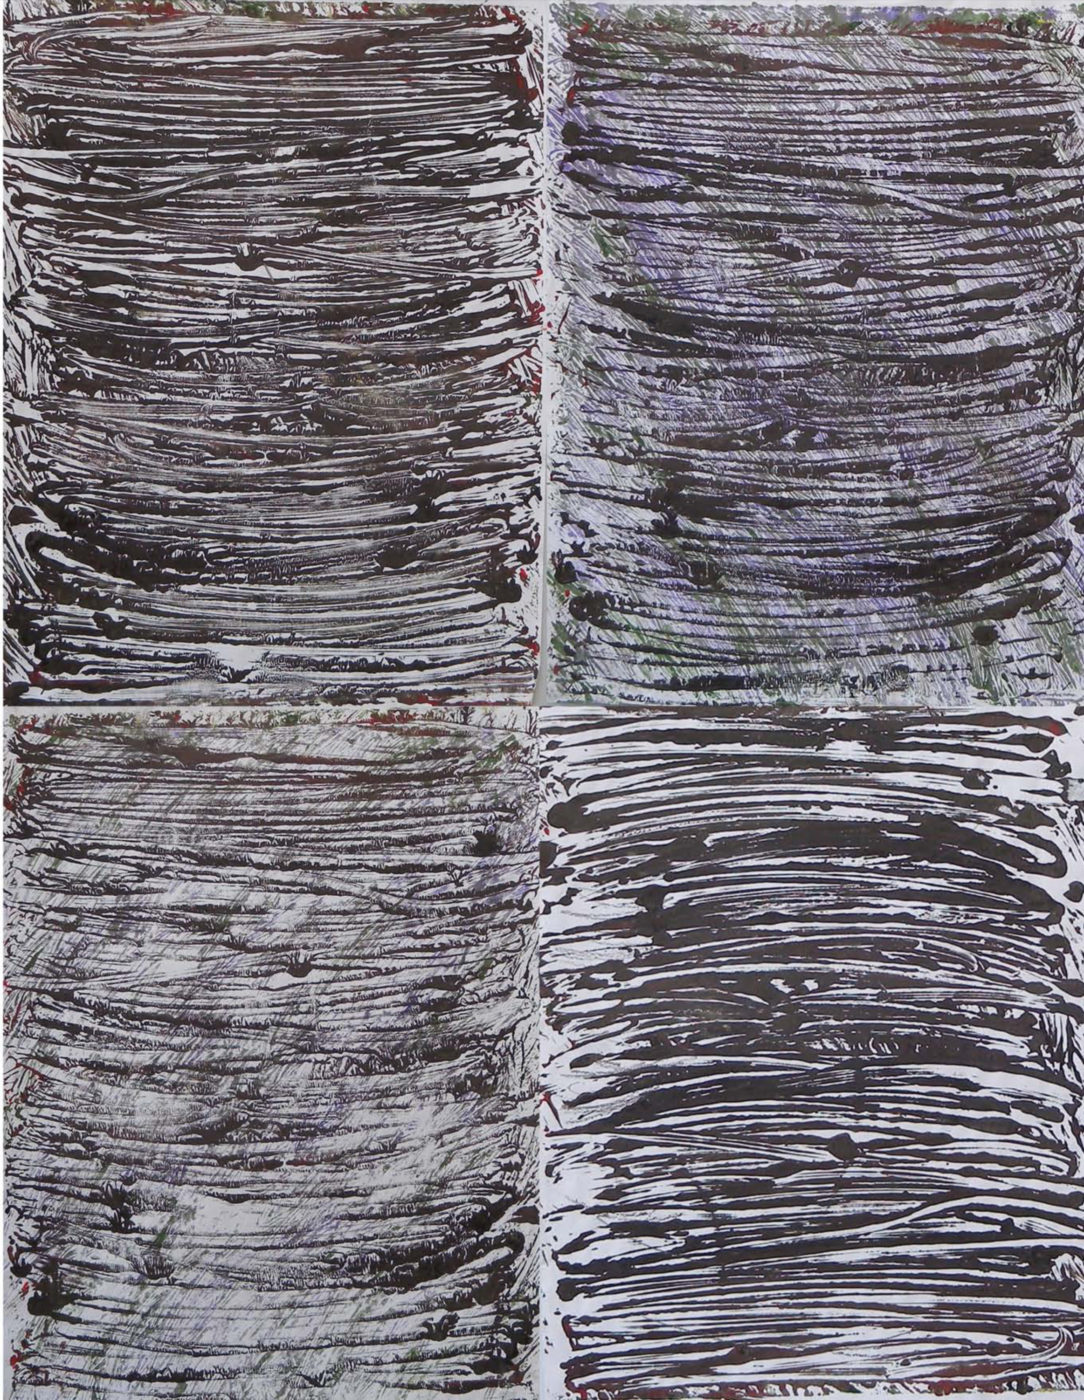 MARC FELD 2014 SENTENCE  Huile sur papier marouflé sur toile 130 x 100 cm